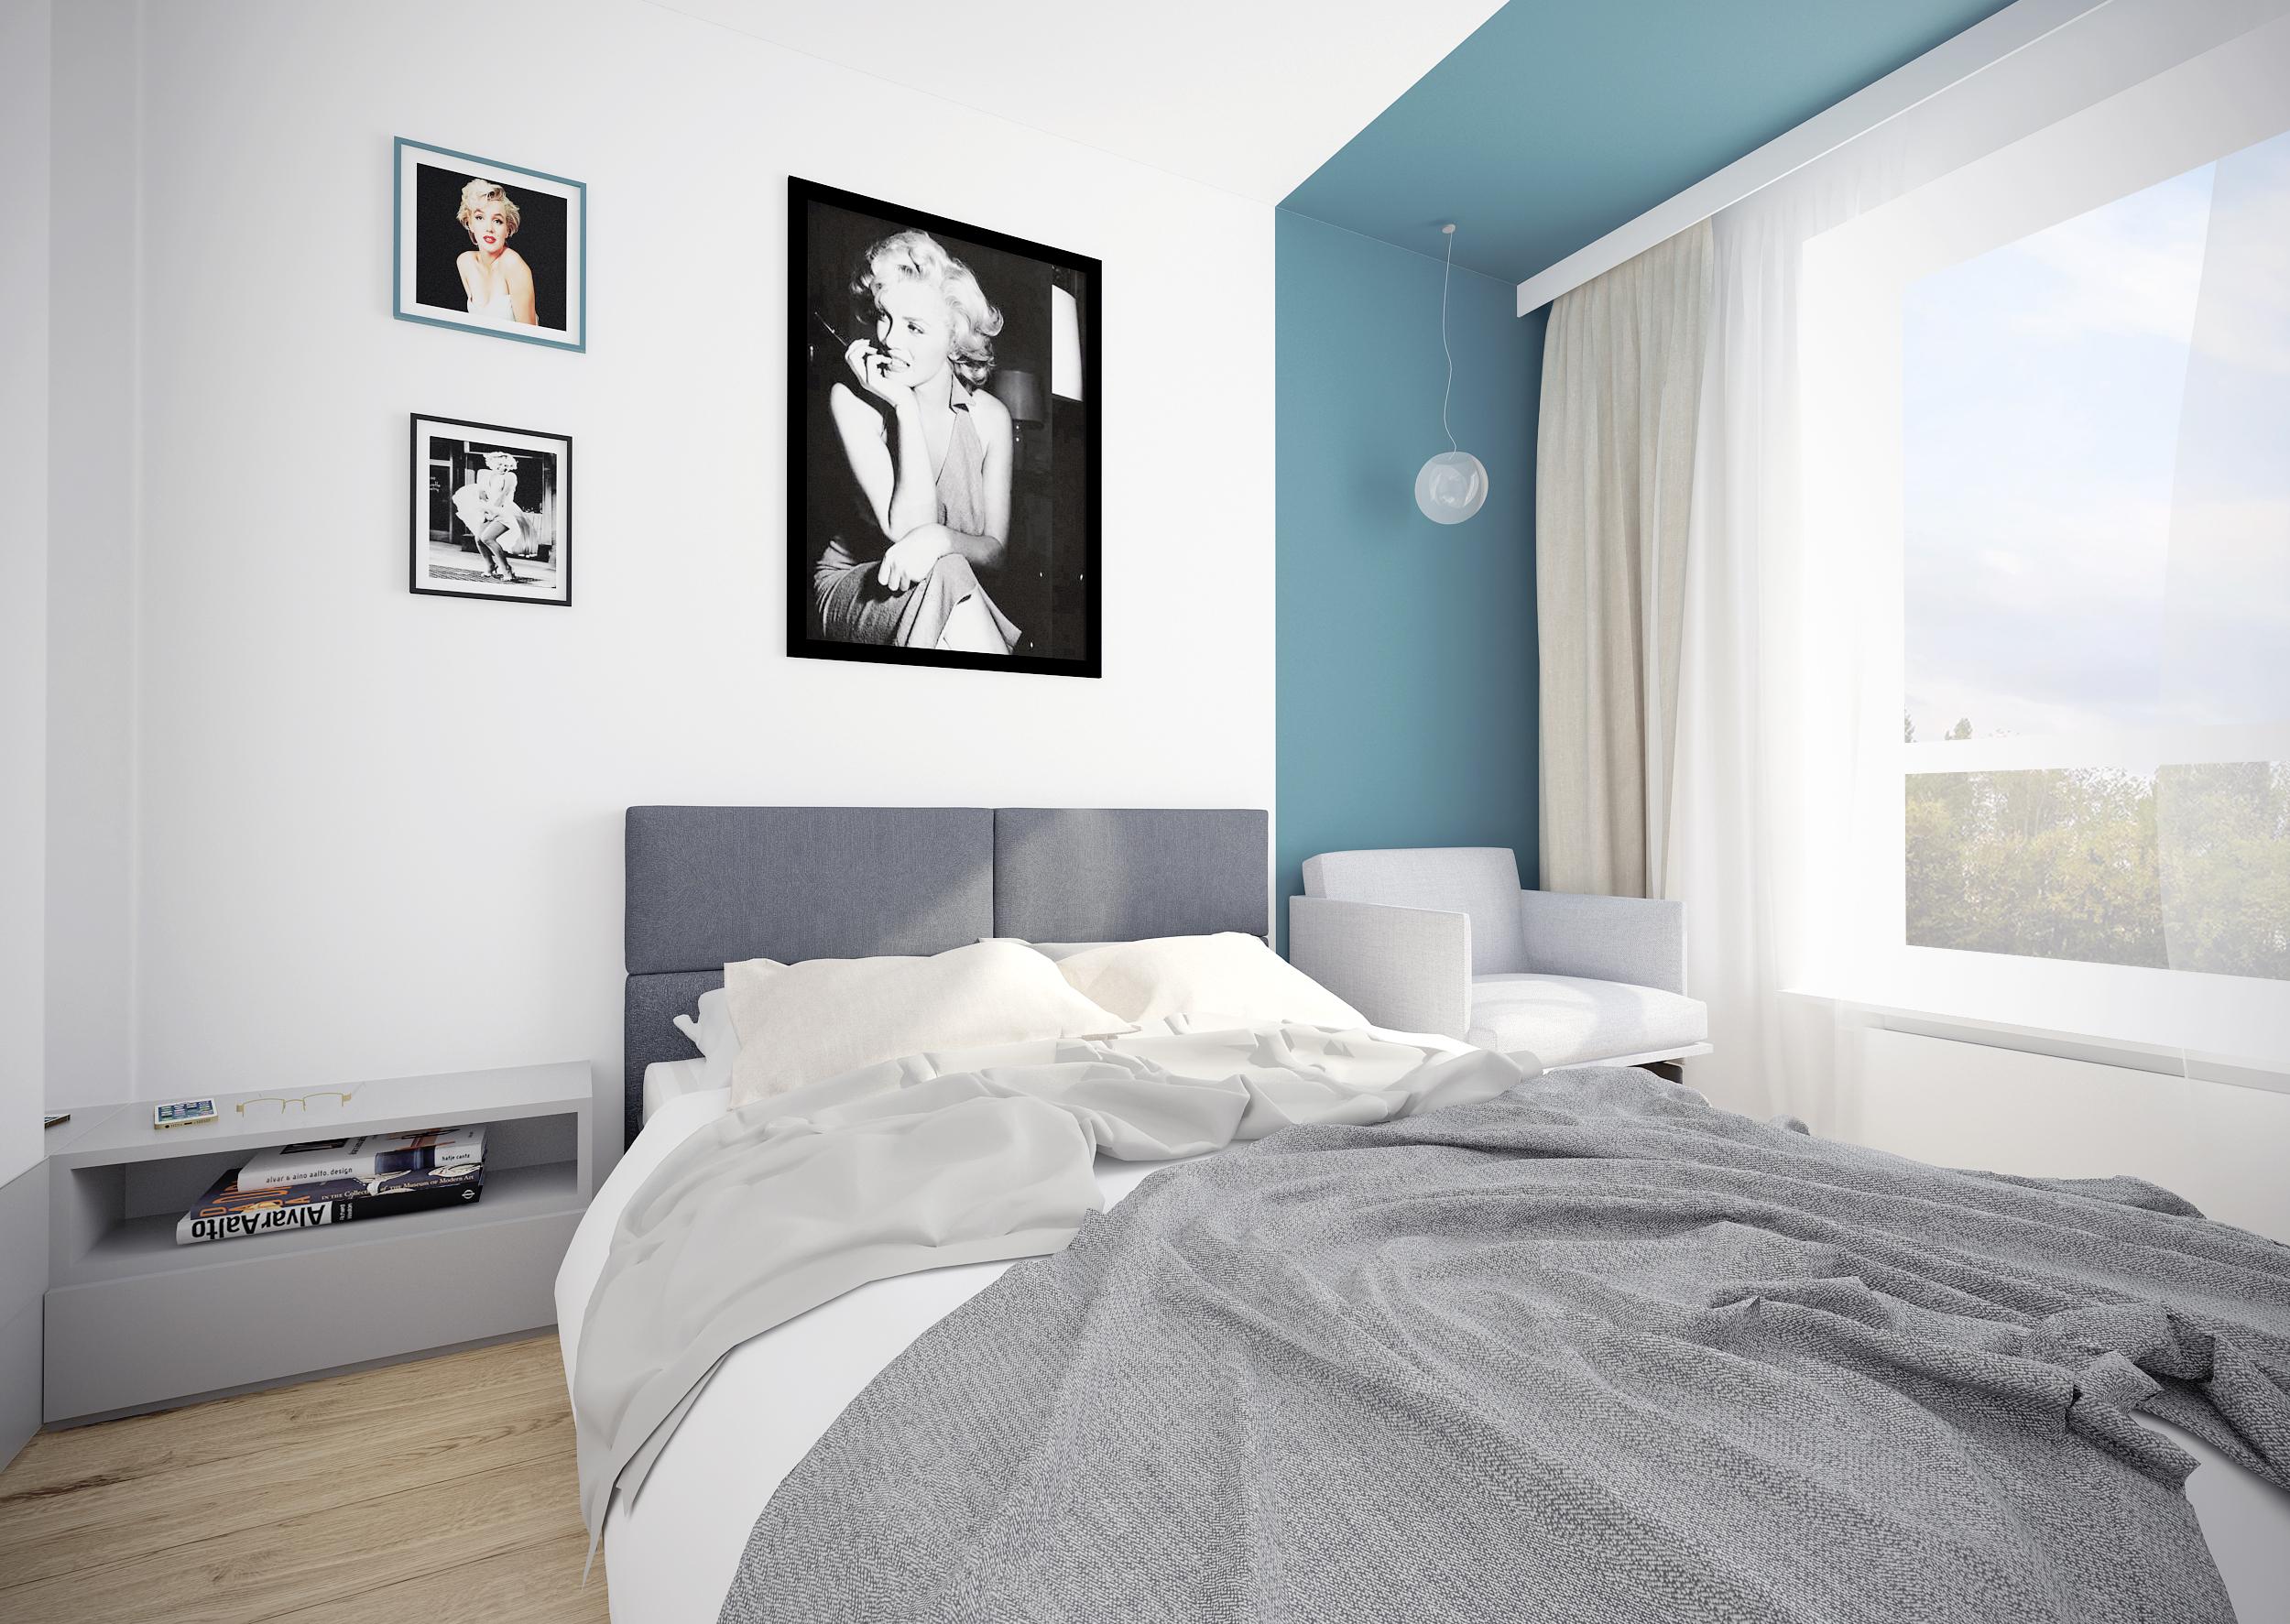 sypialnia 1 widok 1